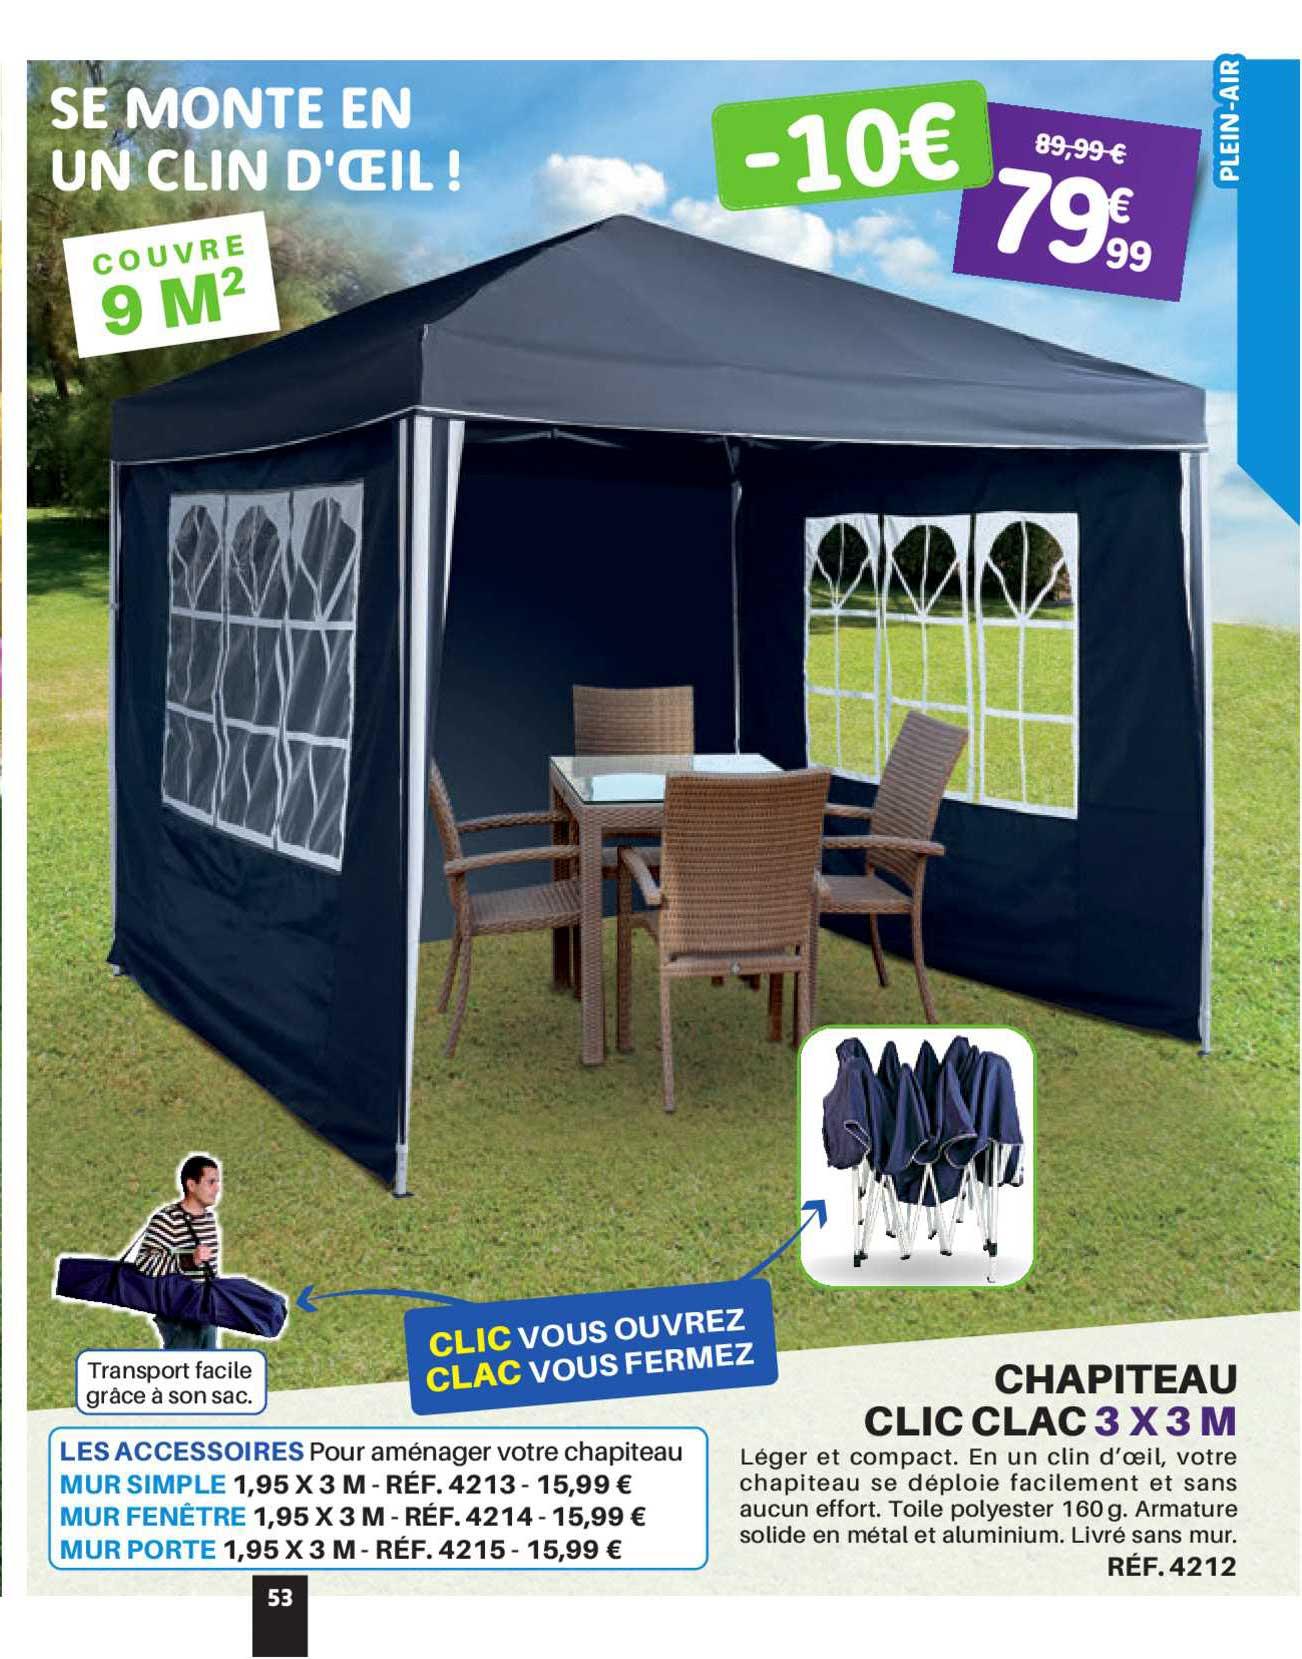 Shopix Chapiteau Clic Clac 3 X 3 M